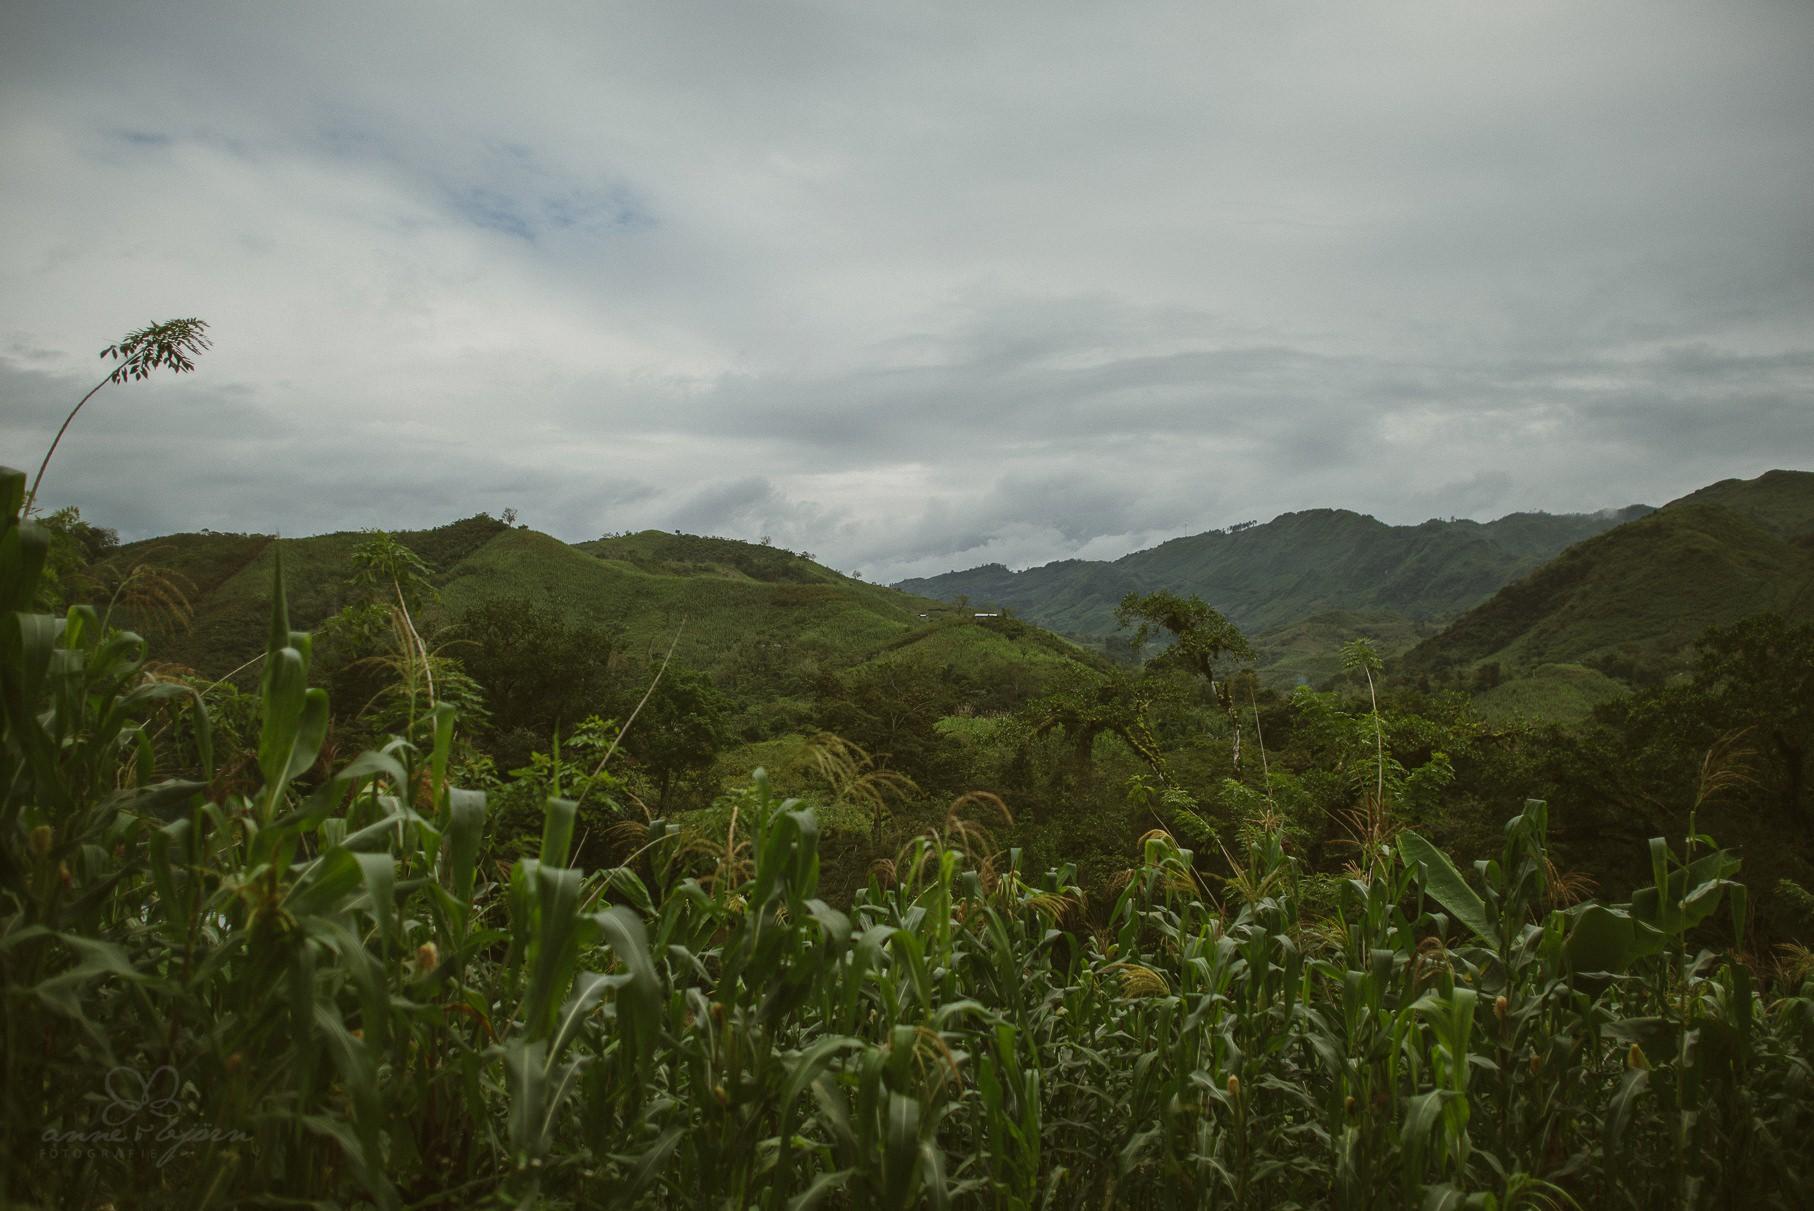 0191 anne und bjoern guatemala d75 4426 - 4 Wochen durch Guatemala - backpacking durch Mittelamerika